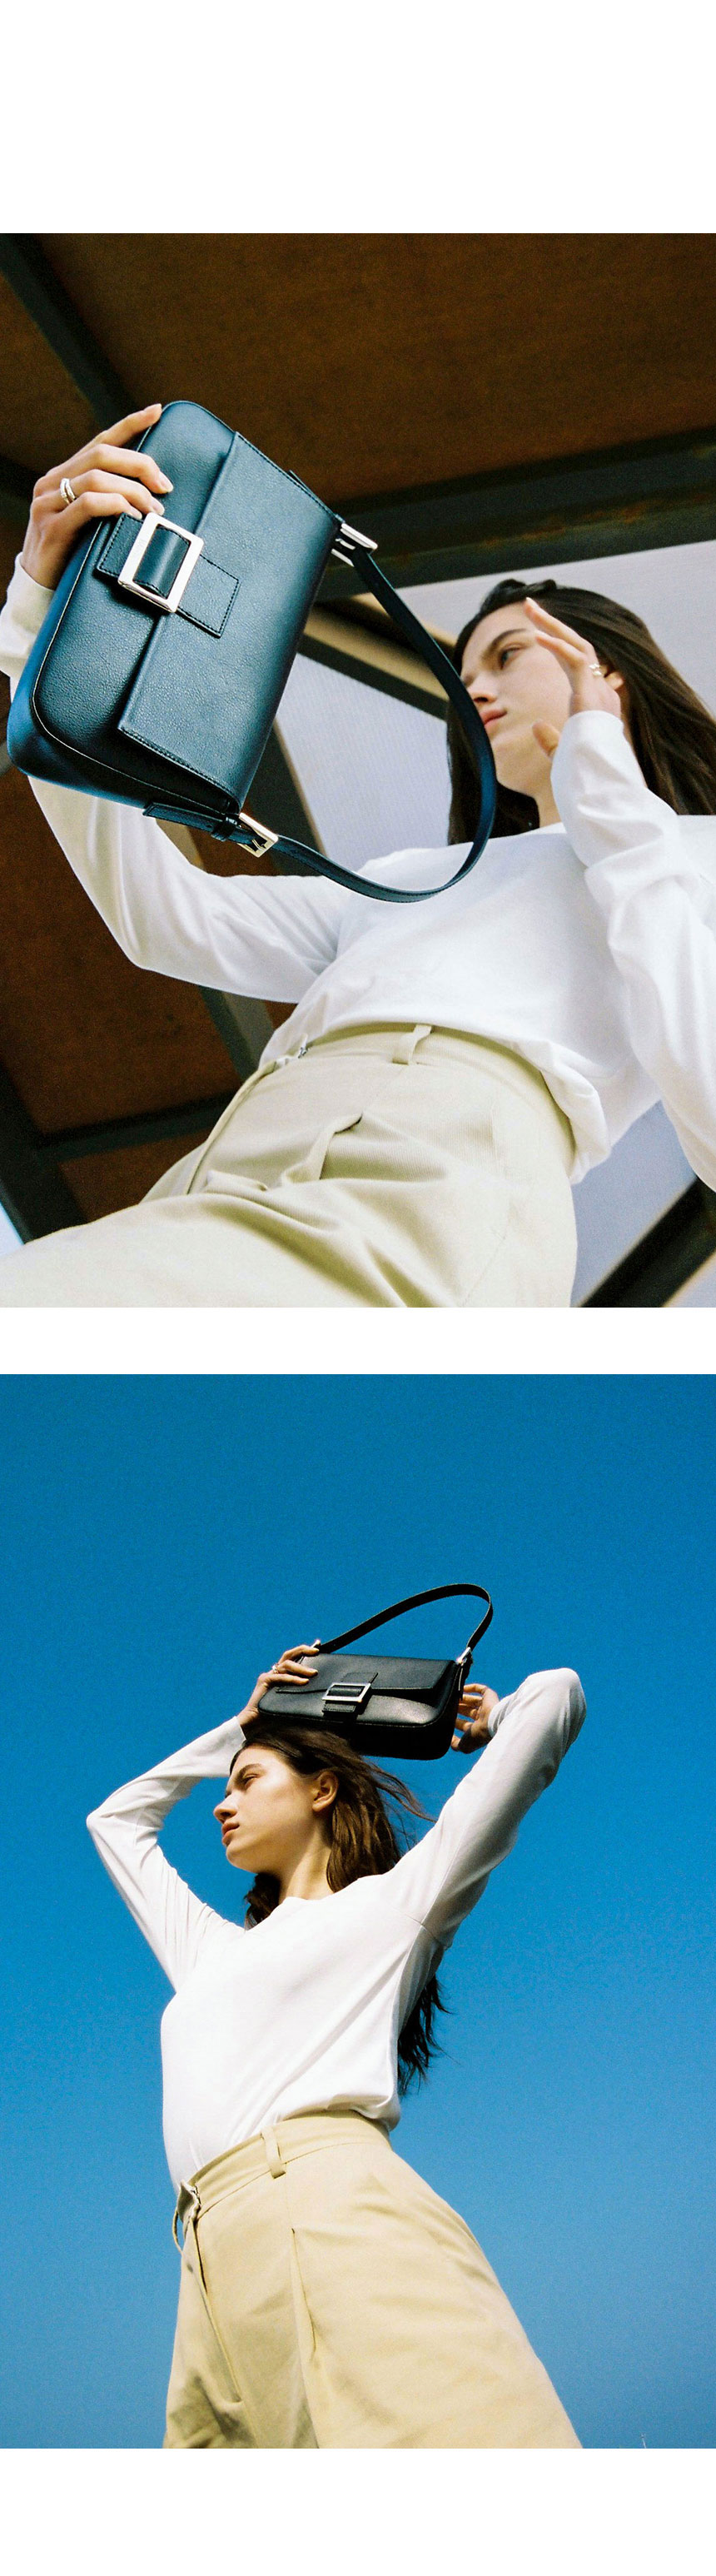 레이브(RAIVE) Real Leather Luke Bag in O/White_VX1SG500-02